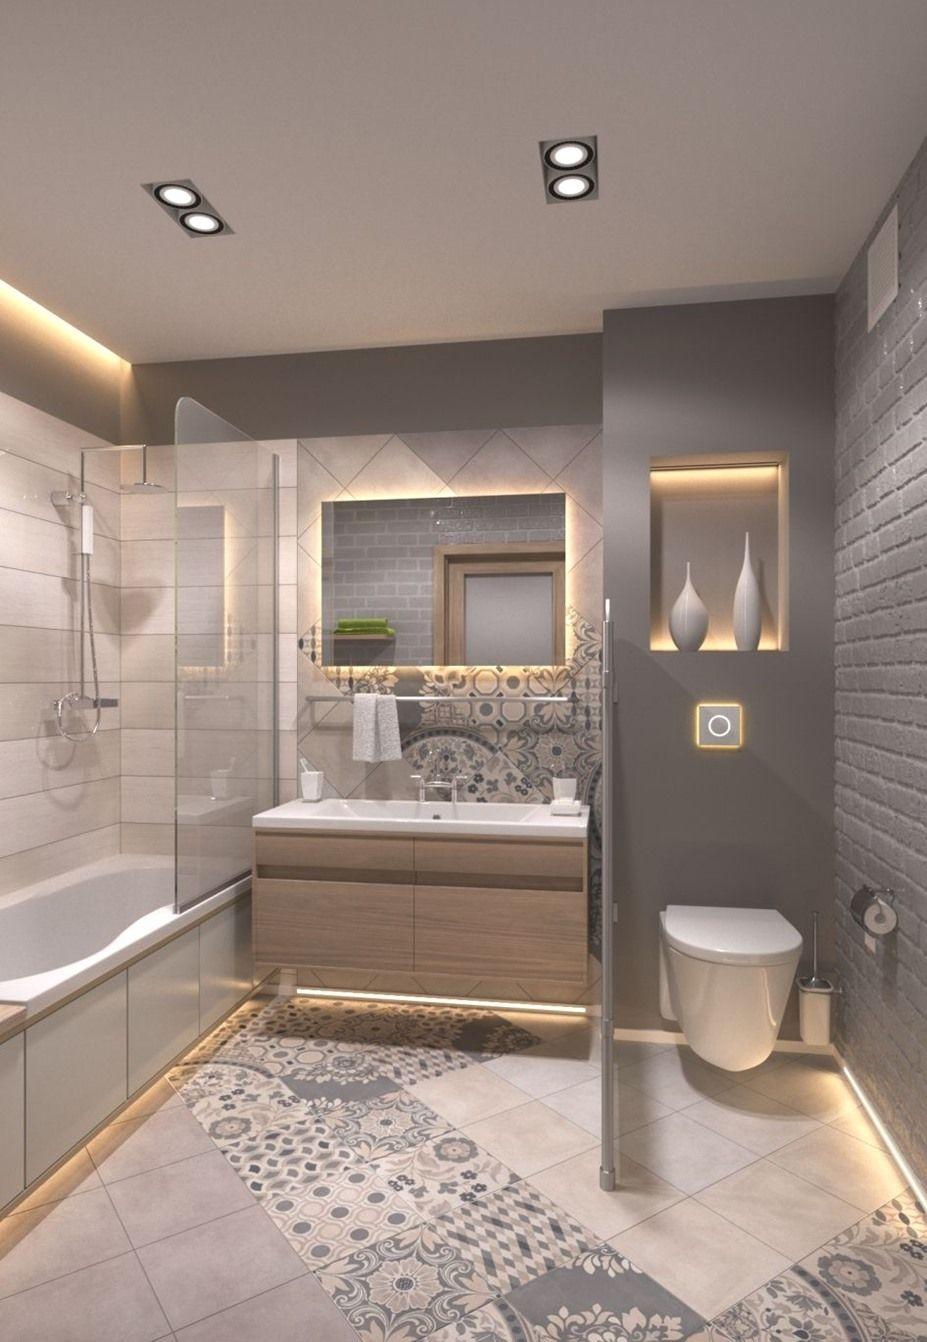 remodeling bathroom shower diy remodeling bathroom pinterest rh pinterest com diy bathroom shower caulking diy bathroom shower storage